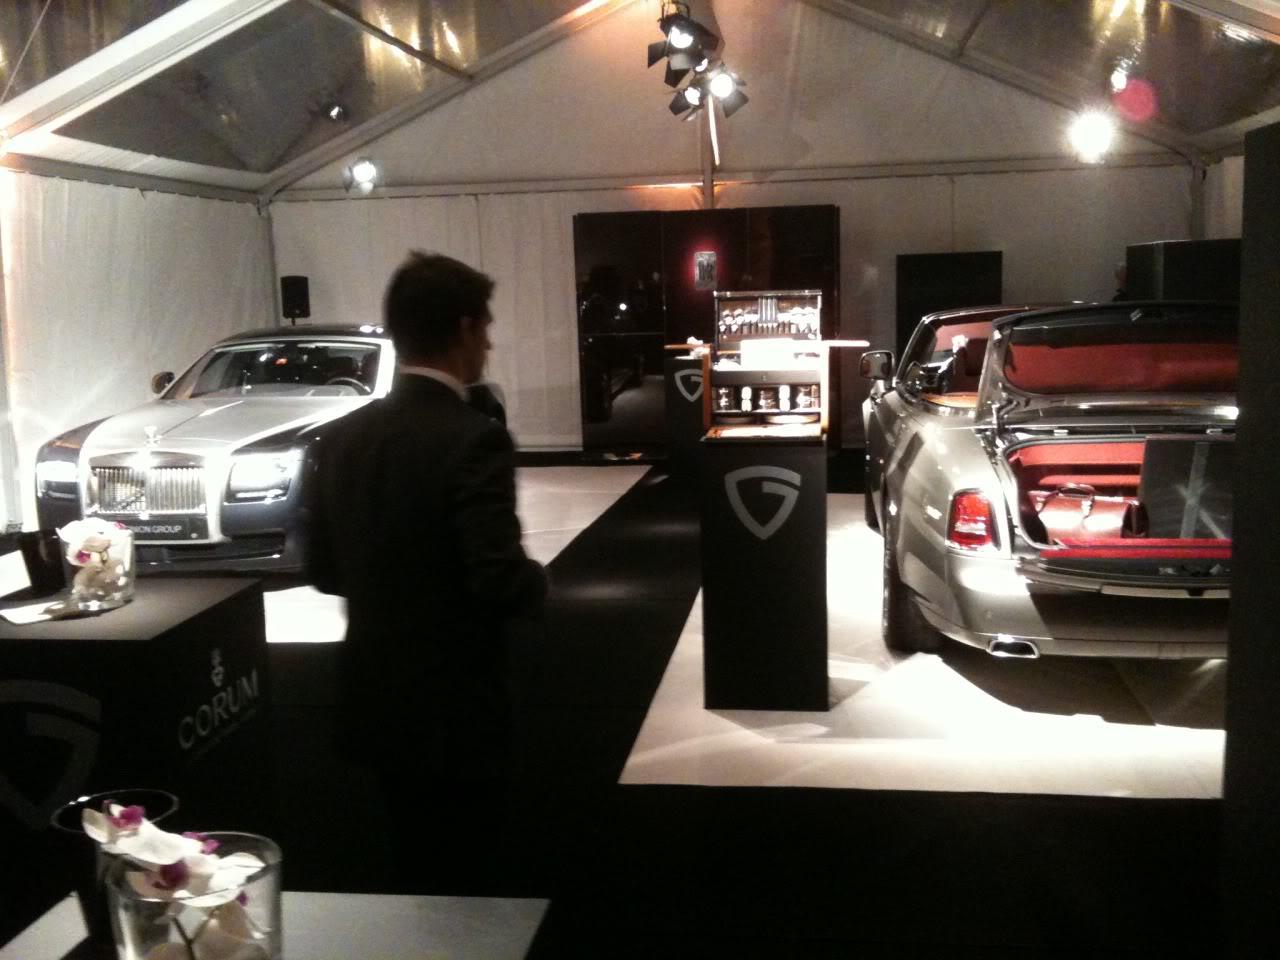 corum - CR Evénement Corum & Rolls-Royce à Bruxelles 25/11 - PHOTOS CORUM-EVENT-18